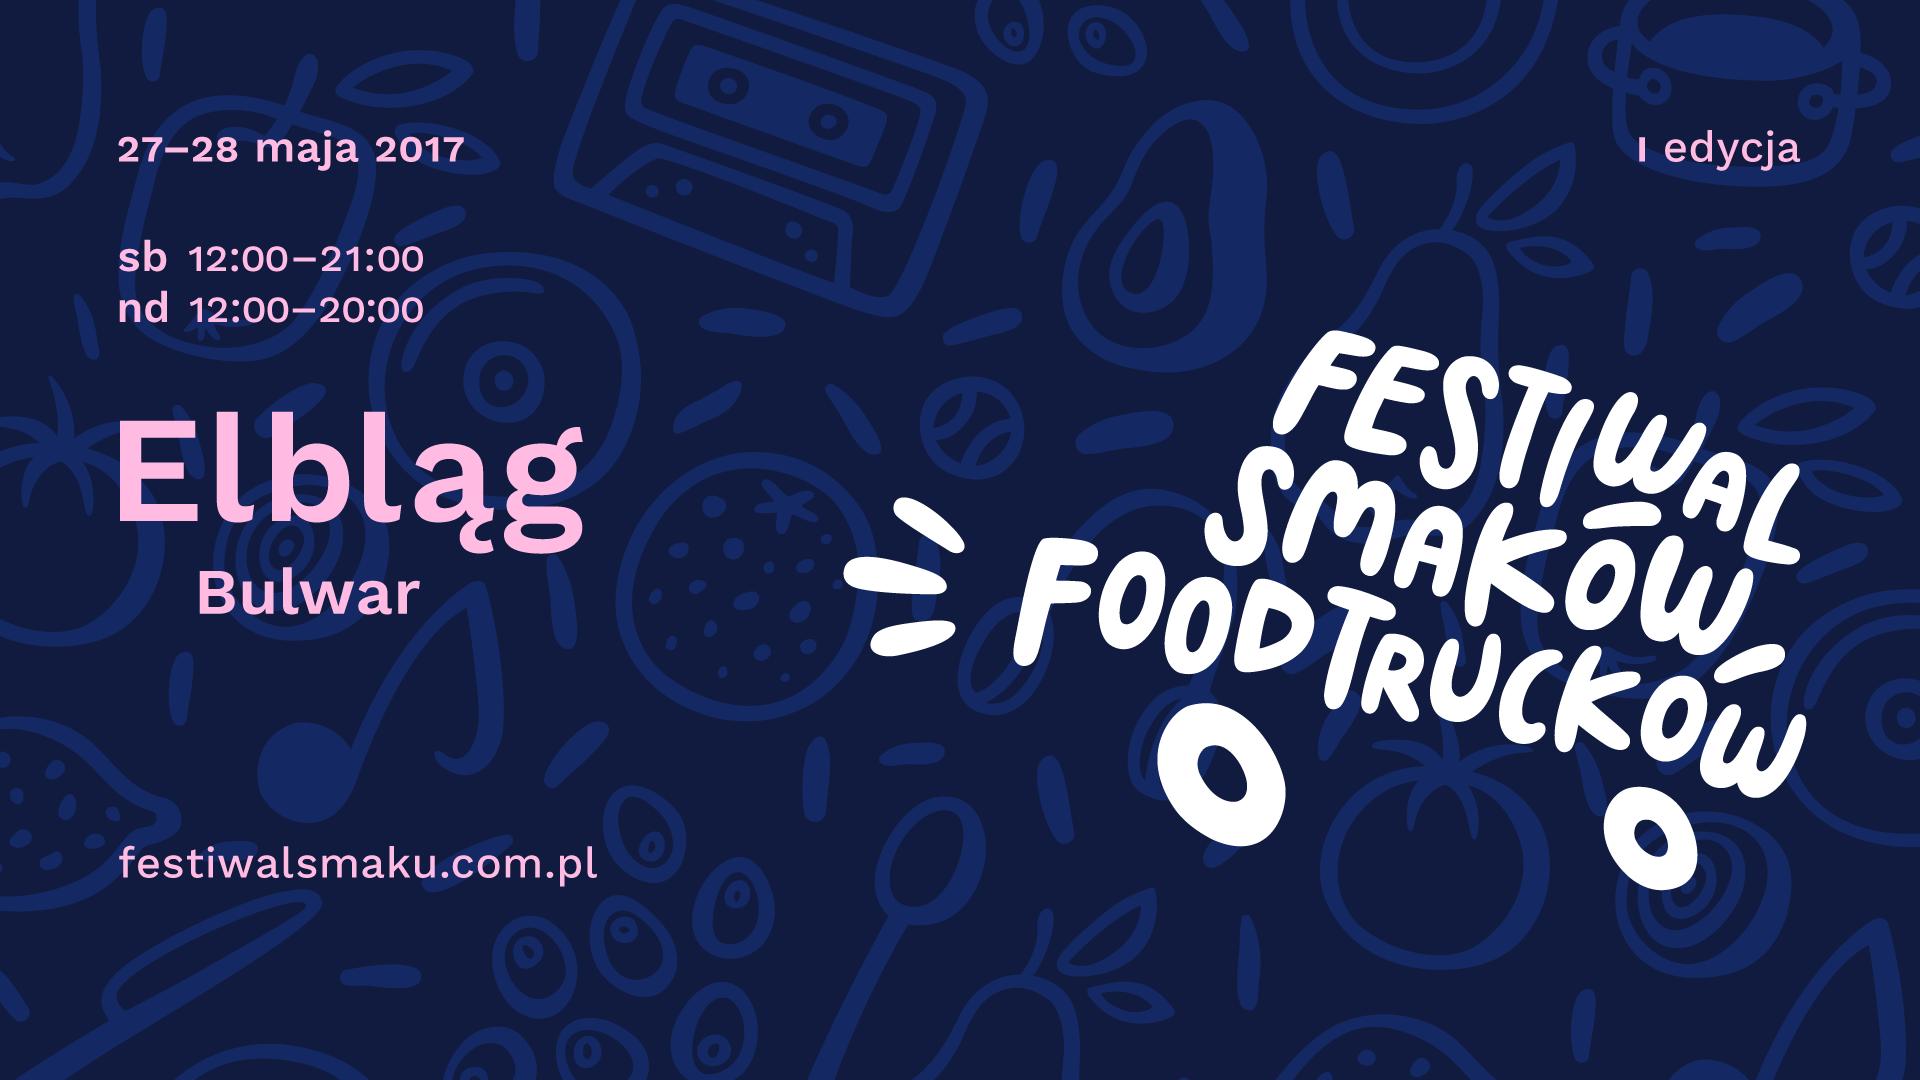 Po raz pierwszy w Elblągu odbędzie się Festiwal Smaków Food Trucków